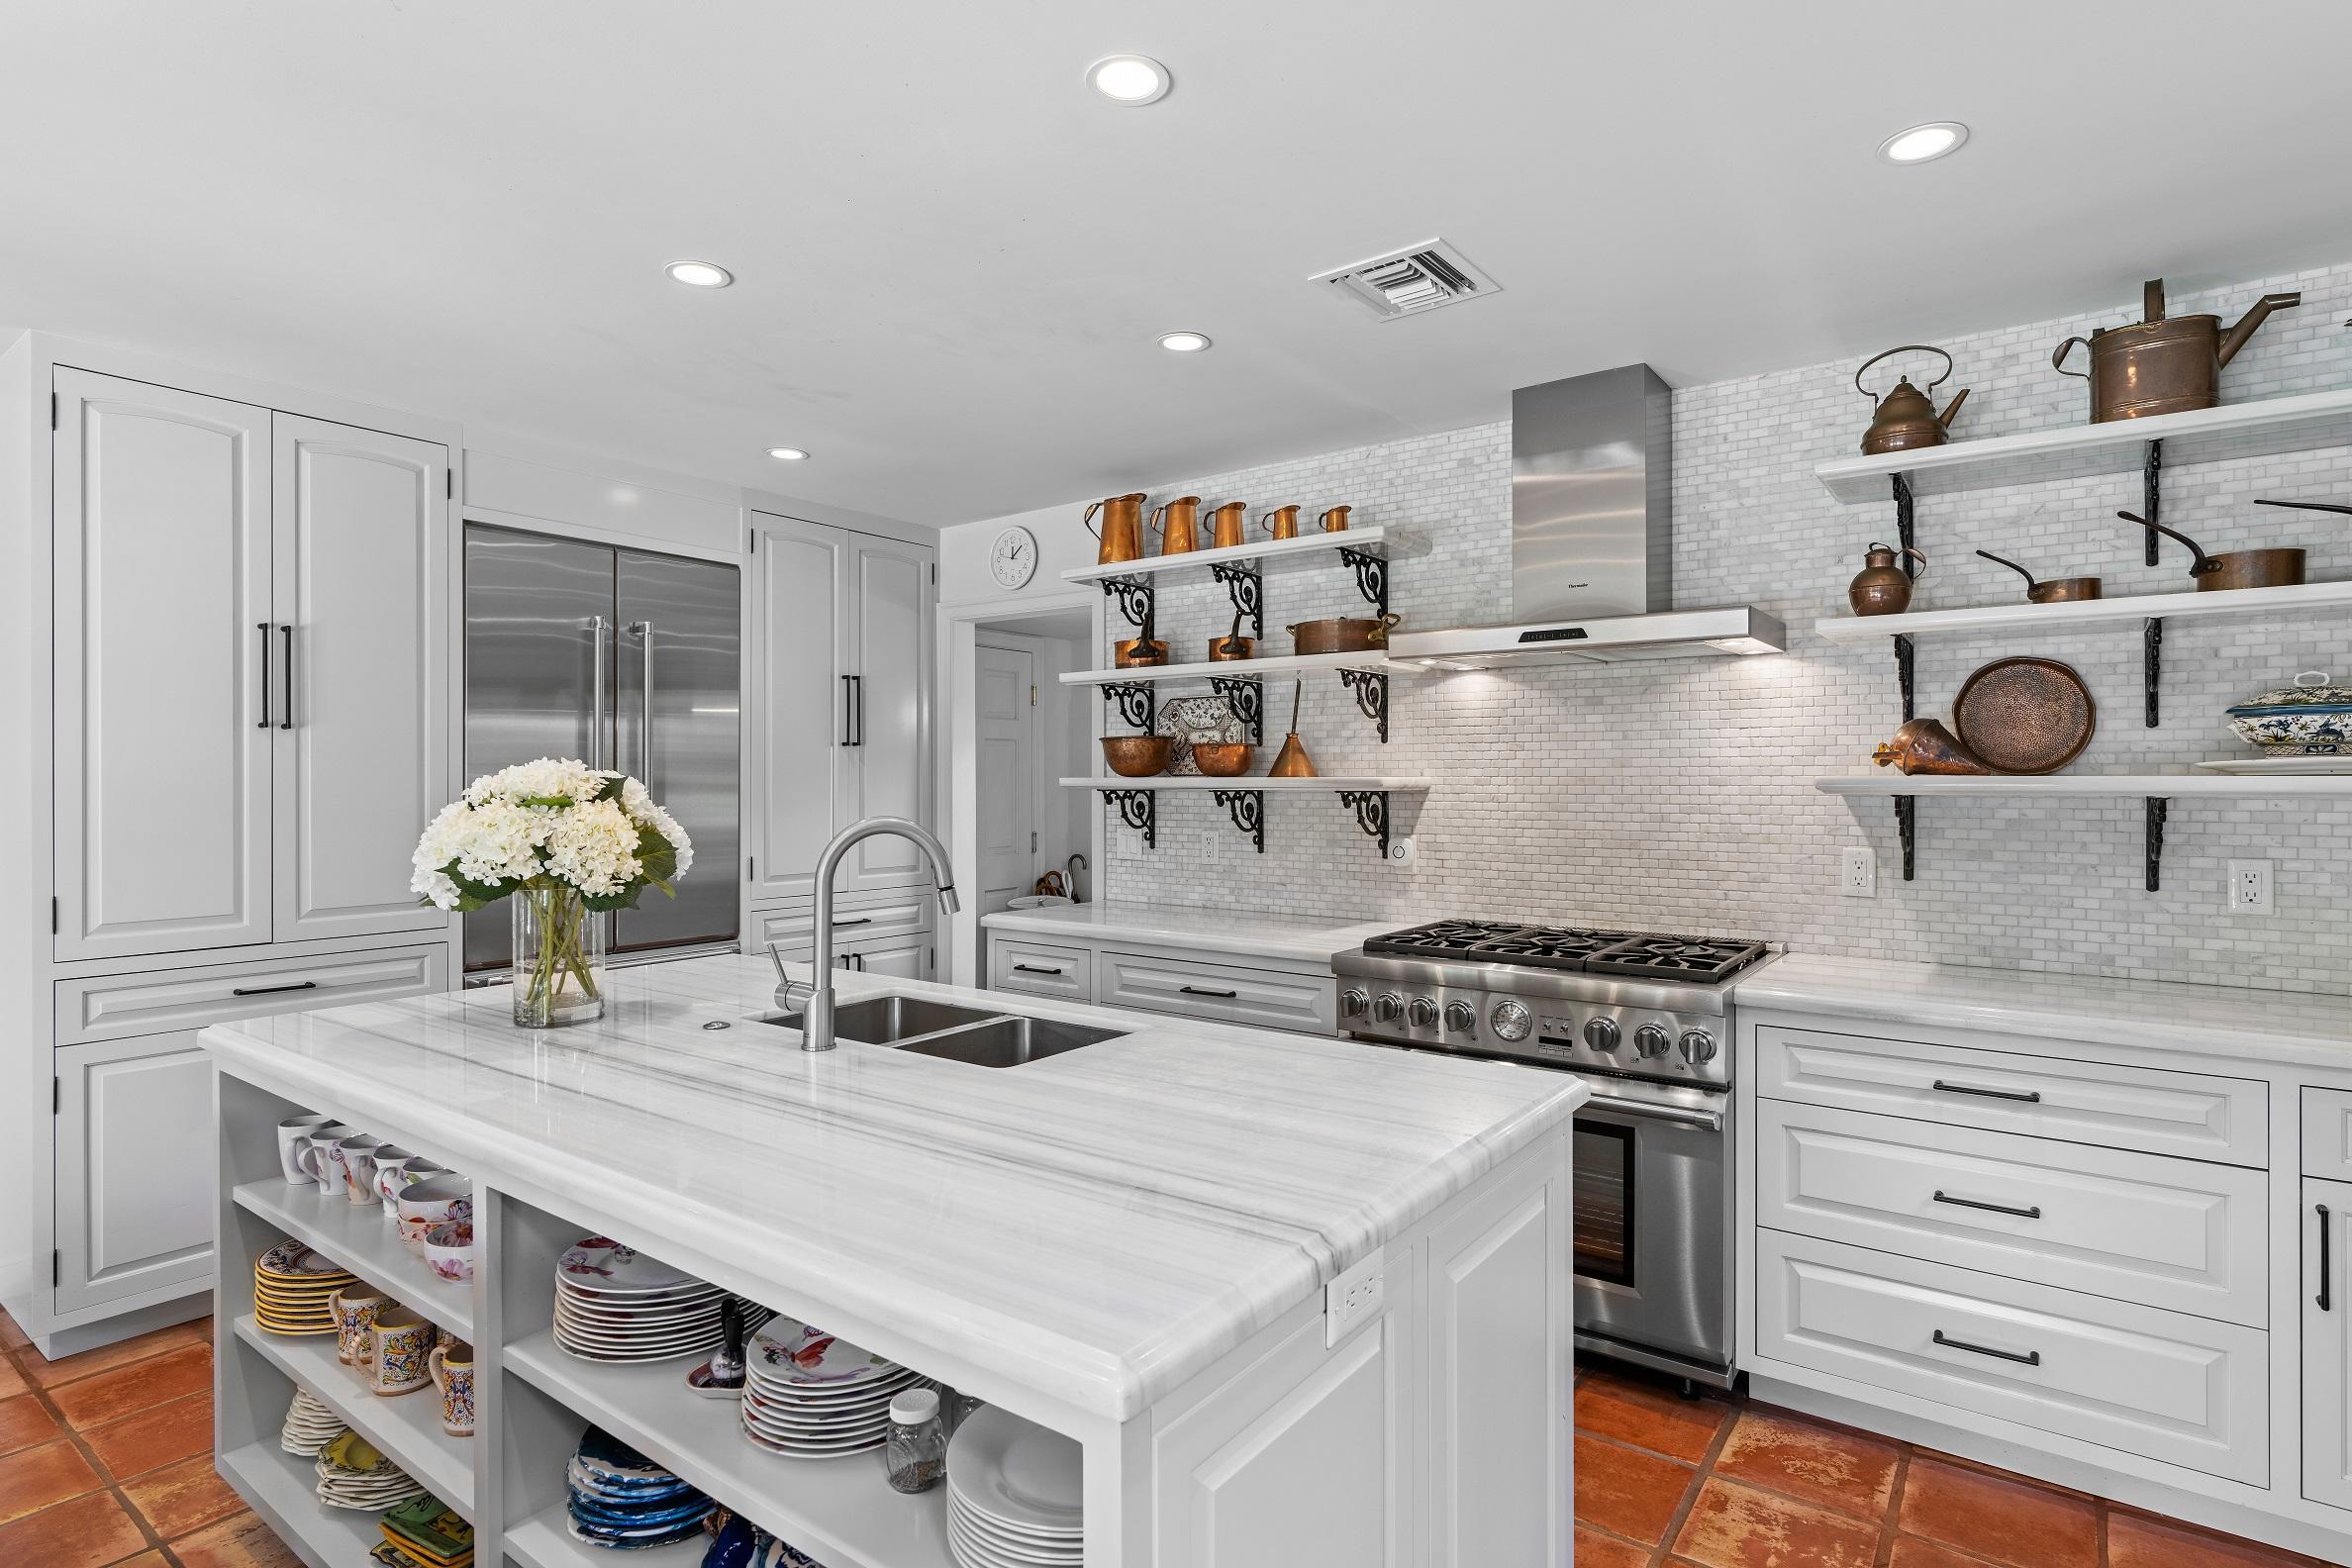 5 kitchen view